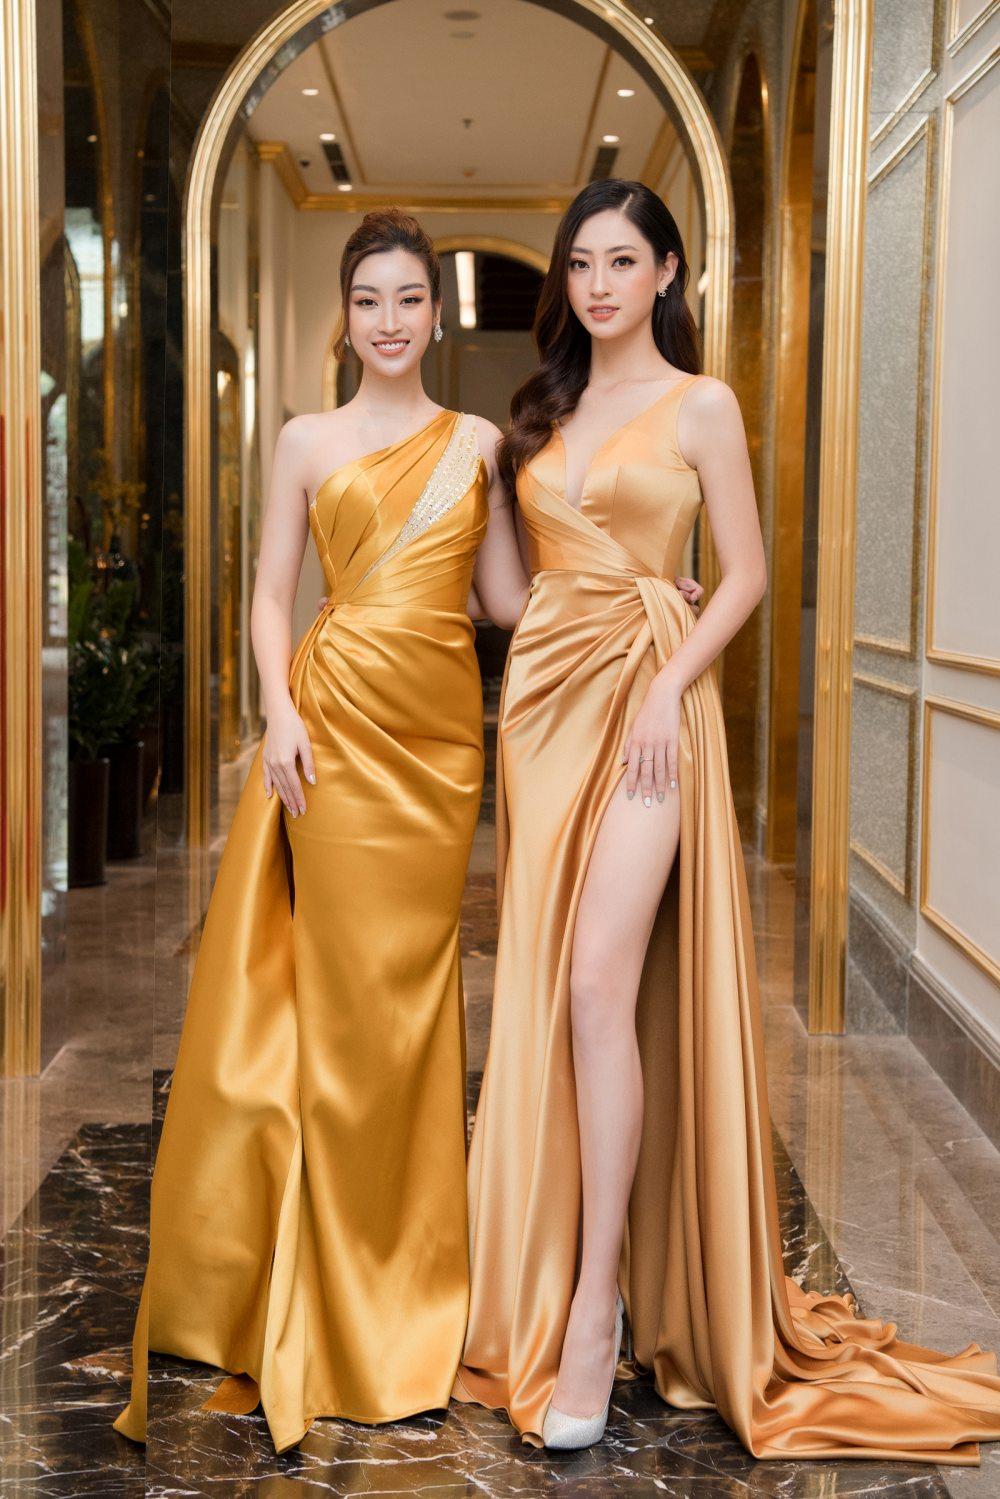 Hoa hậu Cao Bằng có số đo đẹp nhất lịch sử, đôi chân dài 1m22 không đối thủ - 6